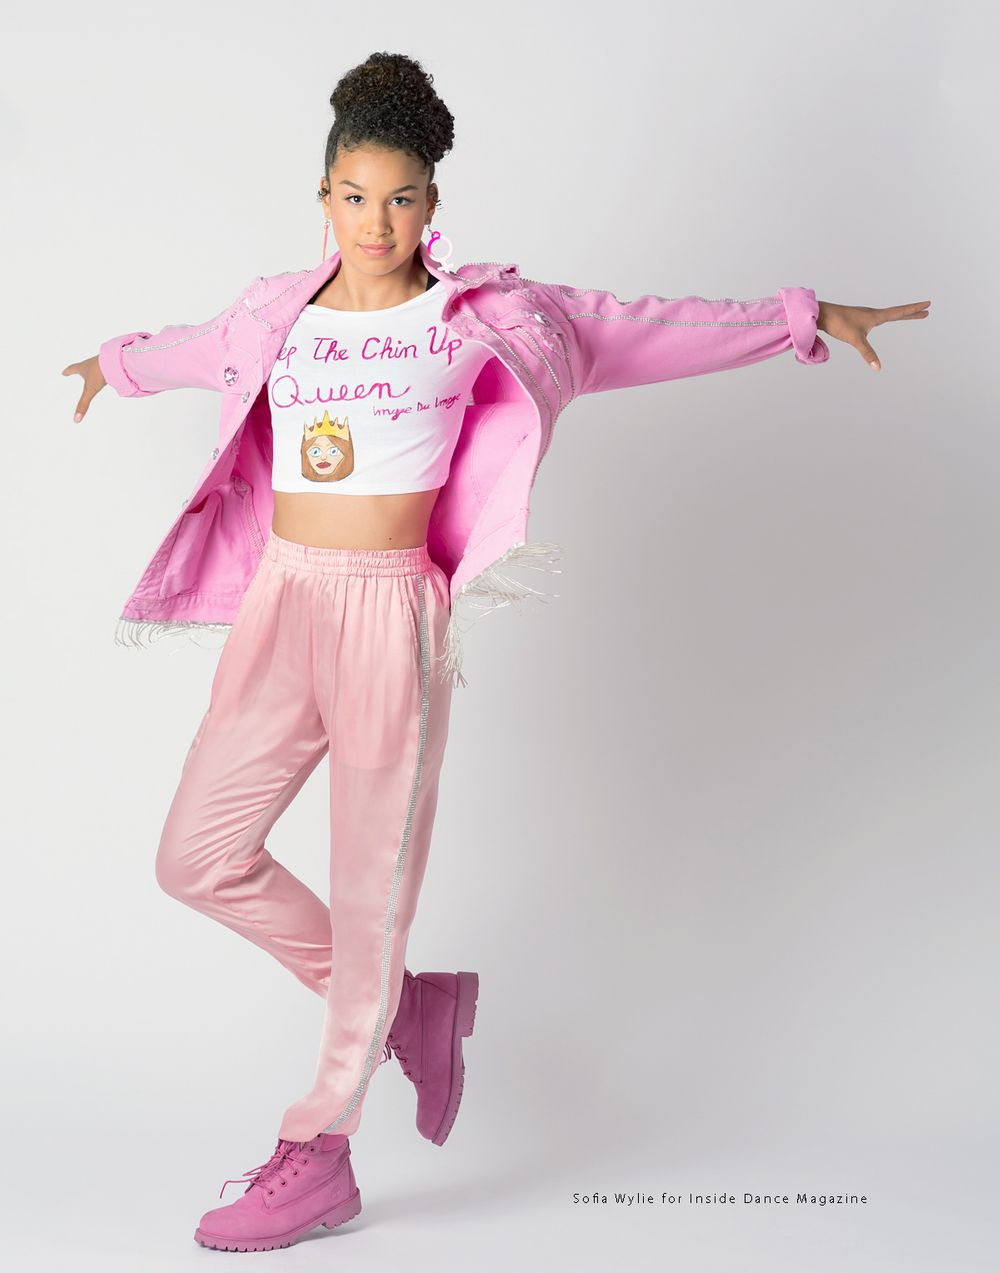 Sofia Wylie for Inside Dance Magazine